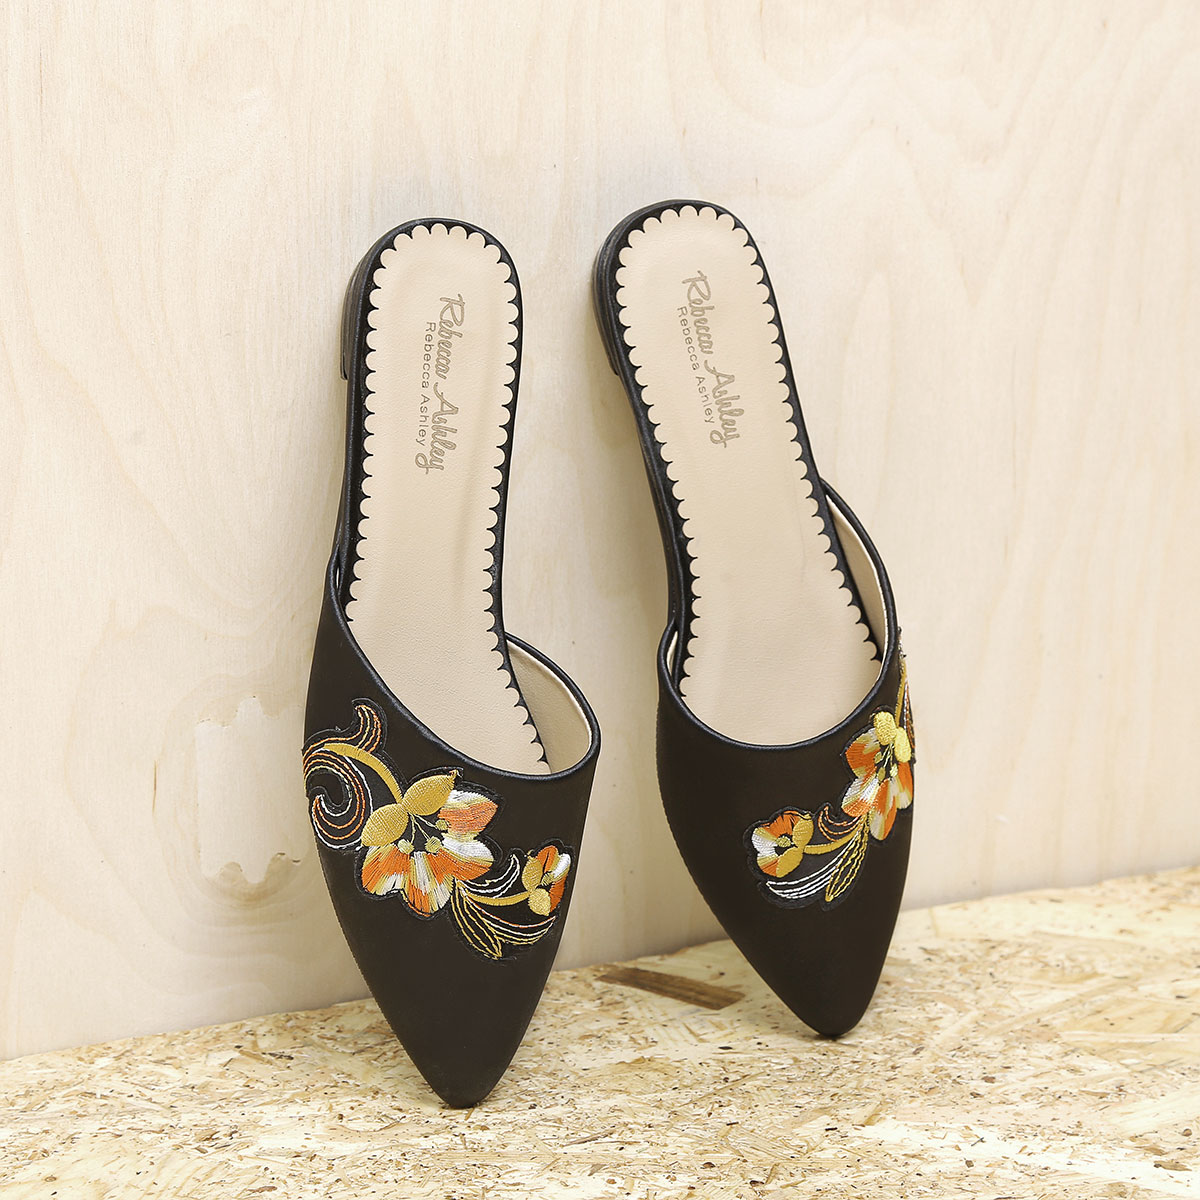 דגם סיאטל: כפכפים מעוצבים לנשים בצבע שחור